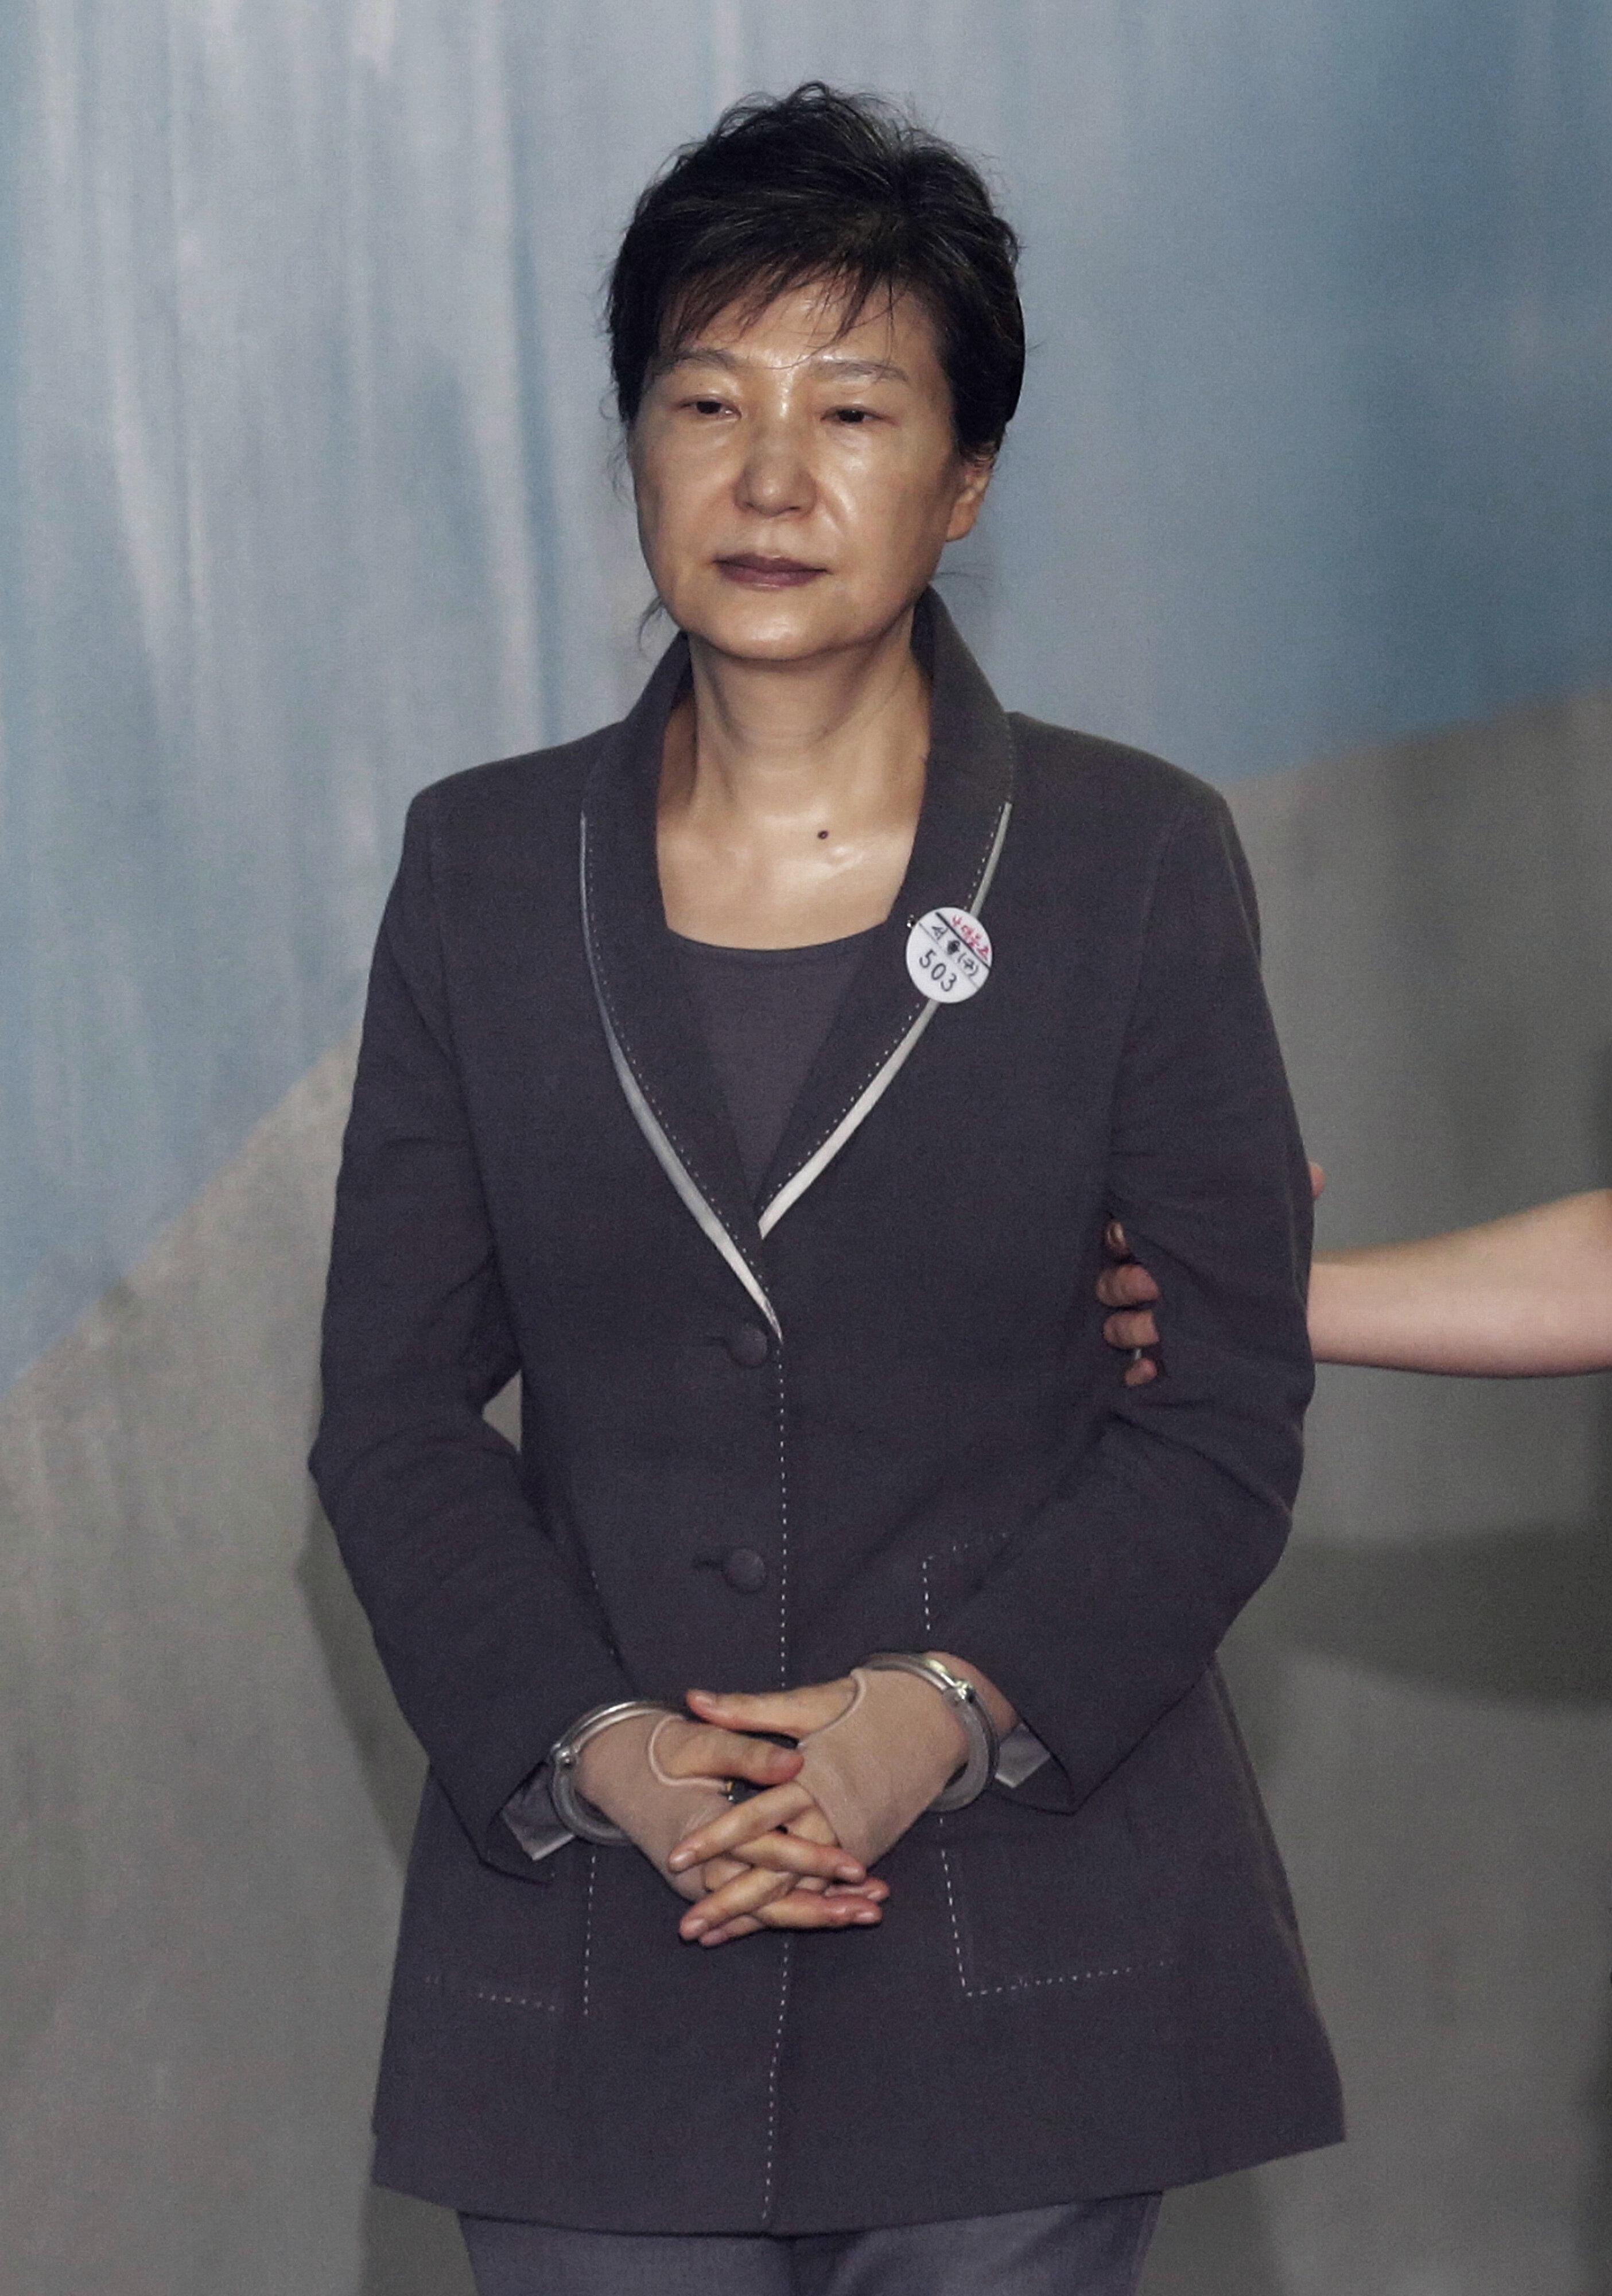 박근혜 전 대통령의 형집행정지 신청이